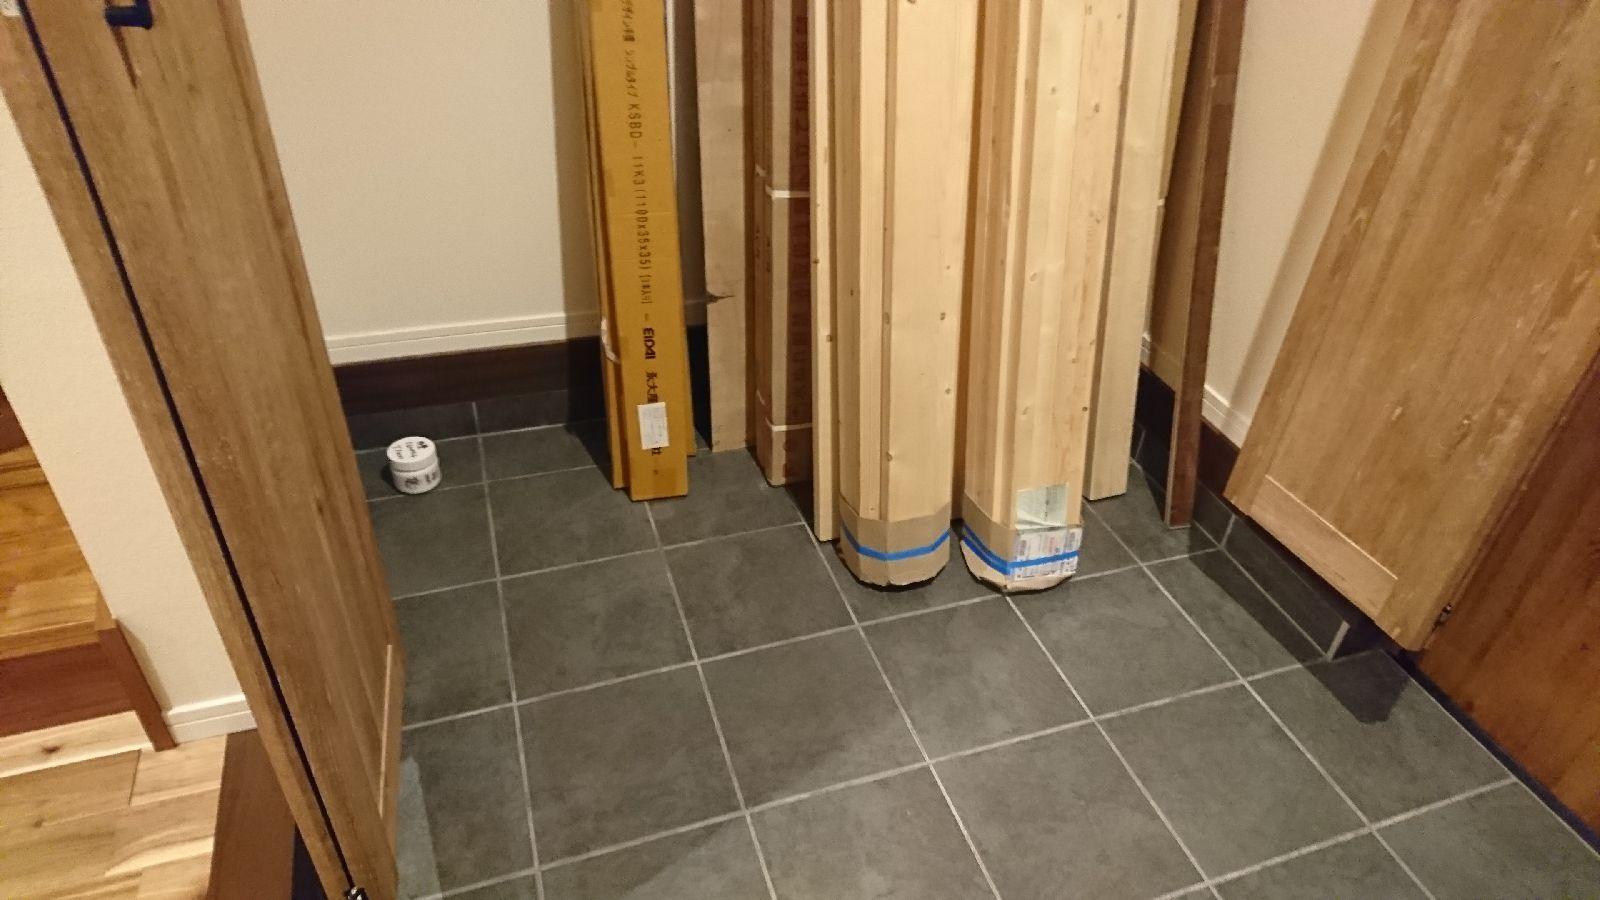 ない が 玄関 棚 【DIY】SPF×ディアウォールで玄関収納の棚を自作!